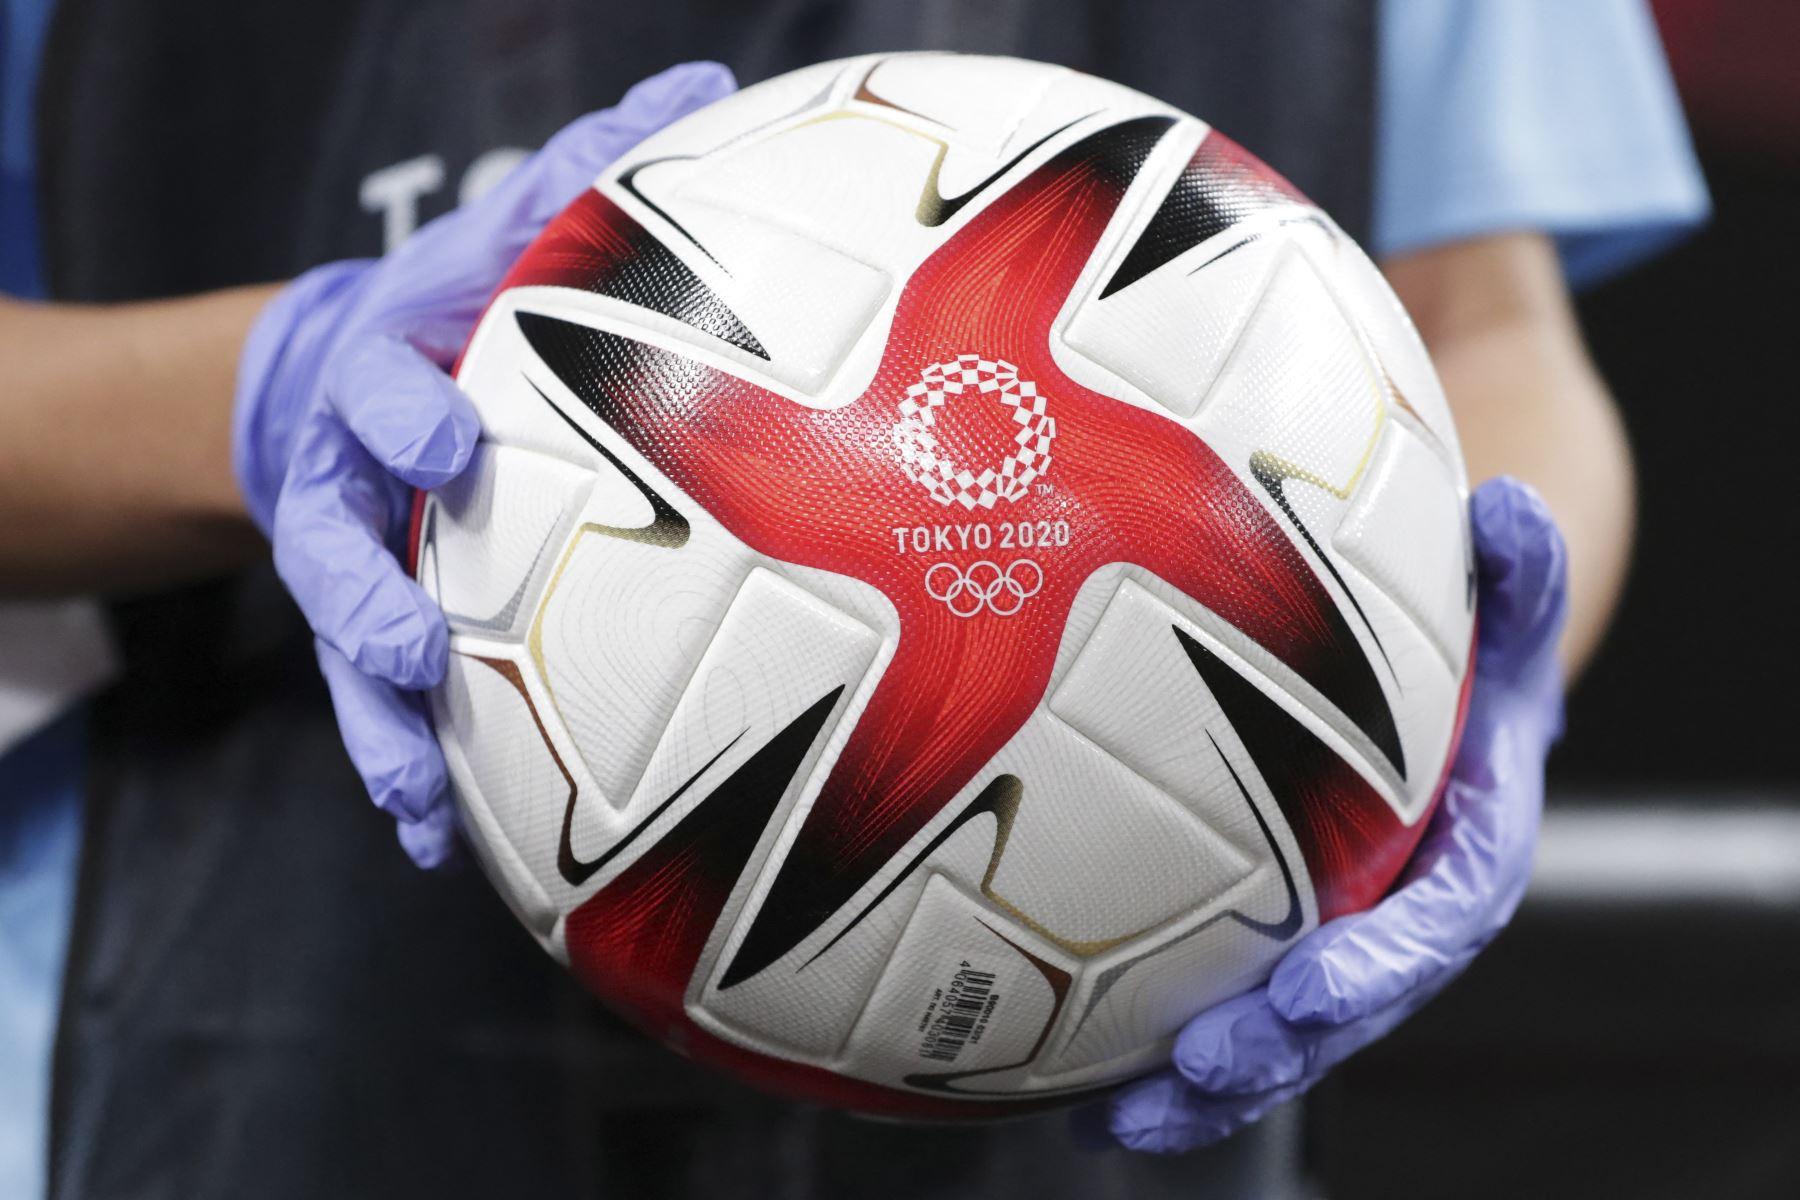 Una persona sostiene el balón de fútbol oficial antes del partido de fútbol de primera ronda del grupo E femenino de los Juegos Olímpicos de Tokio 2020, entre Gran Bretaña y Chile. Foto: AFP